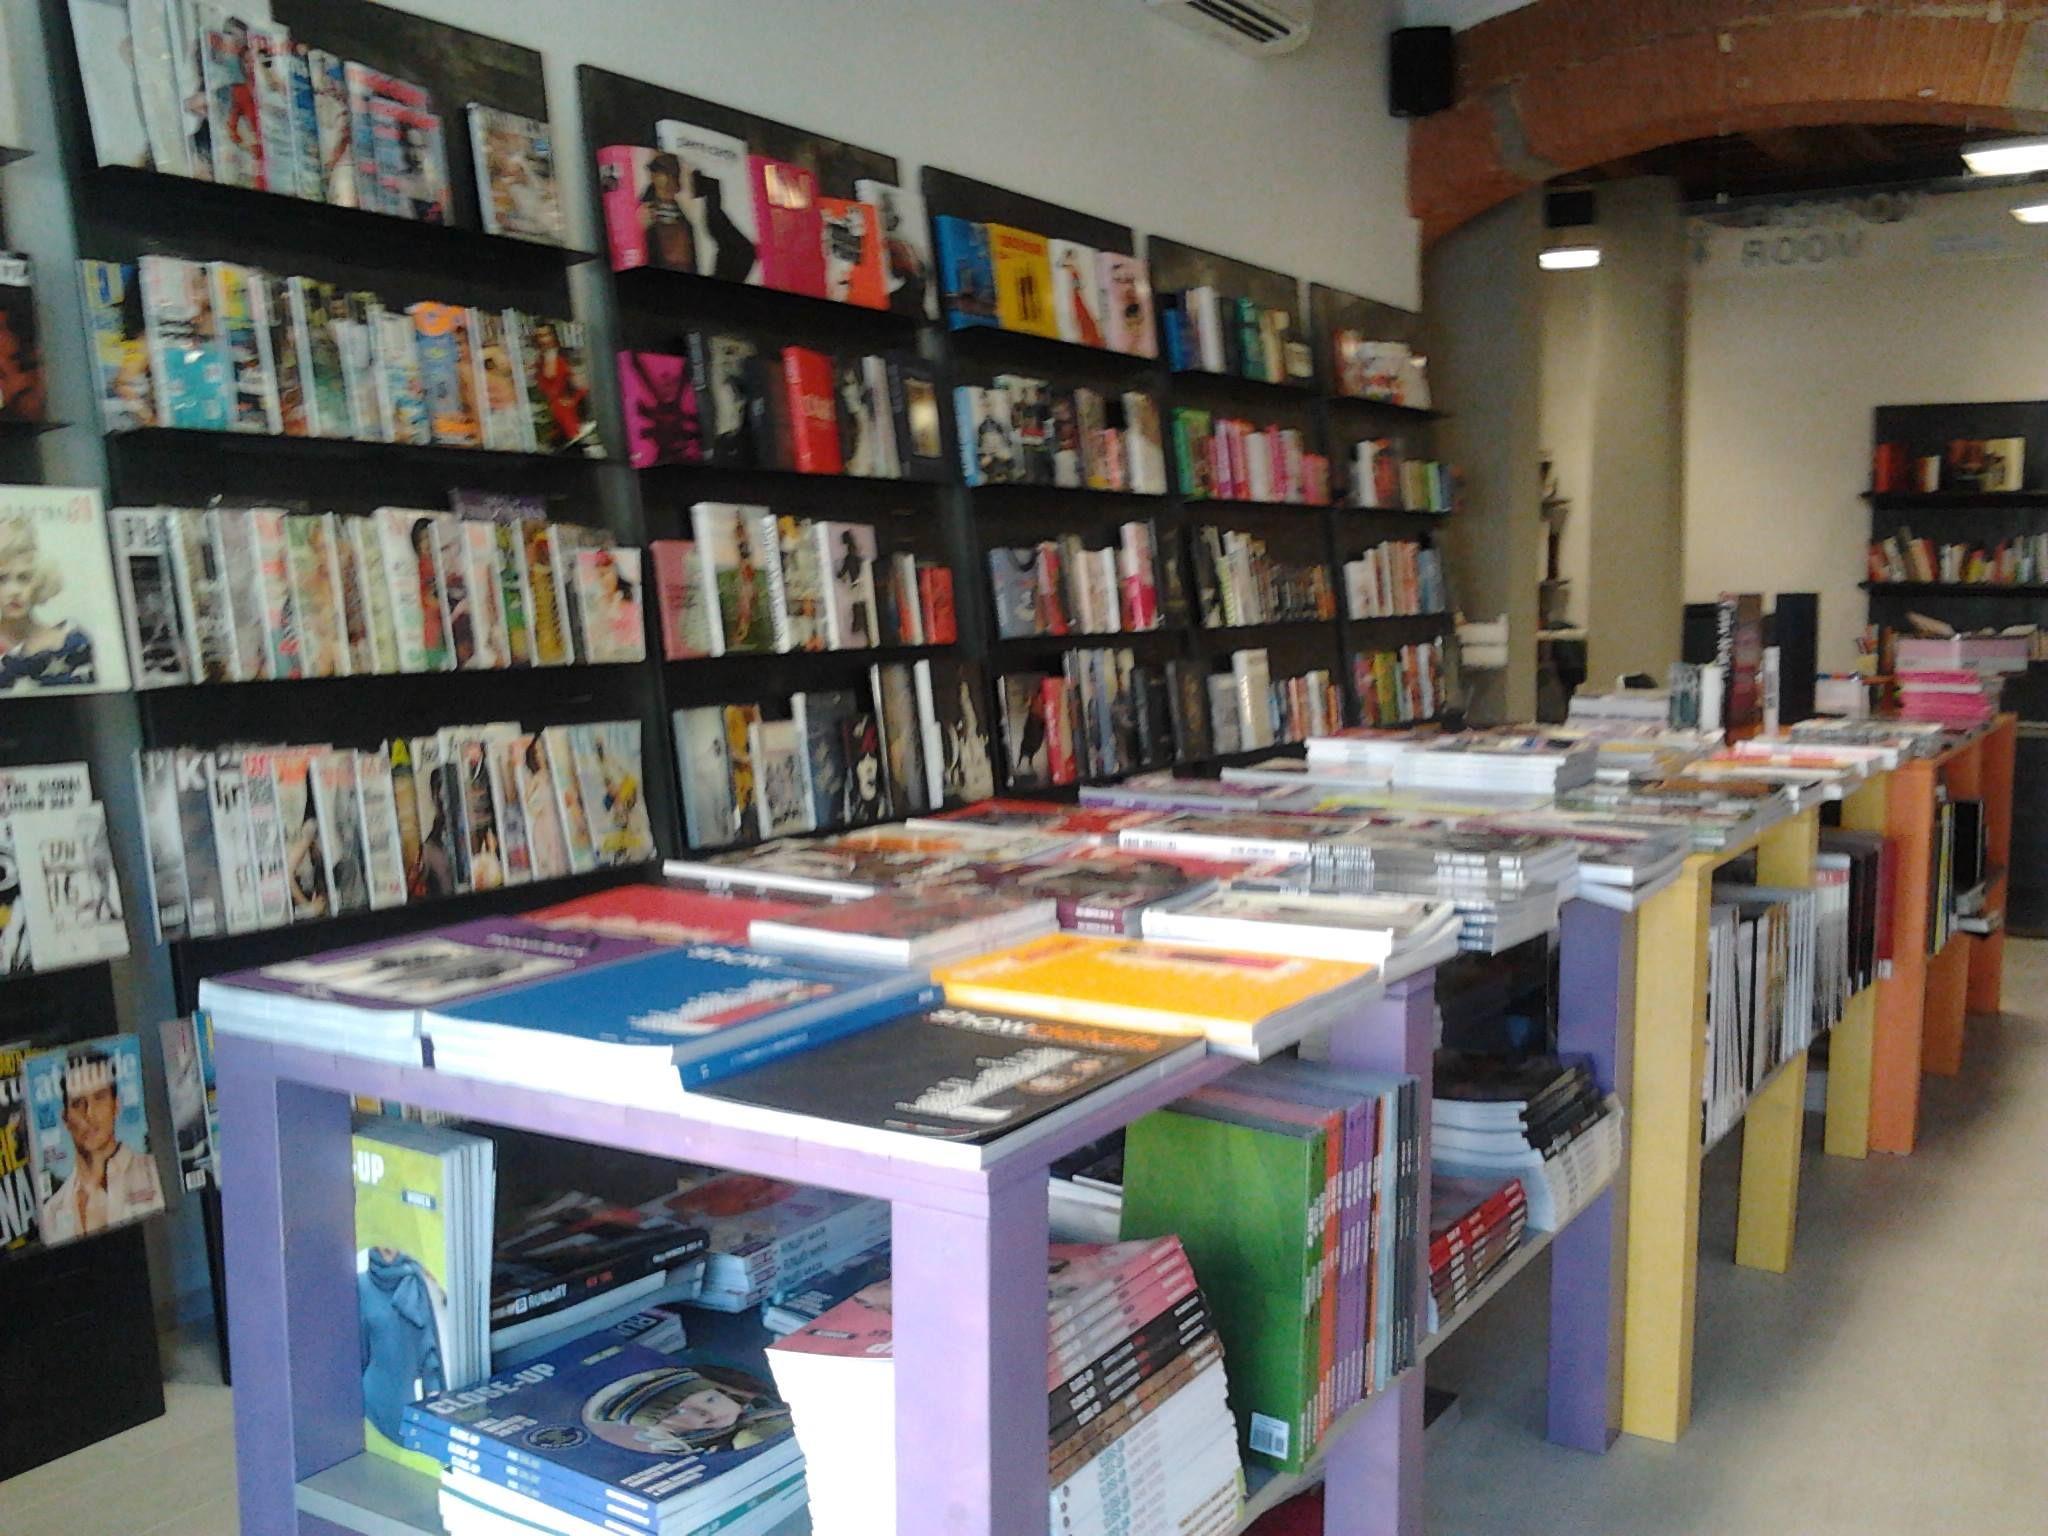 International magazine, fashion books e tutto il materiale per supportare la ricerca e lo sviluppo delle collezioni. Siamo presenti nelle principali fiere di settore (Pitti ecc..)